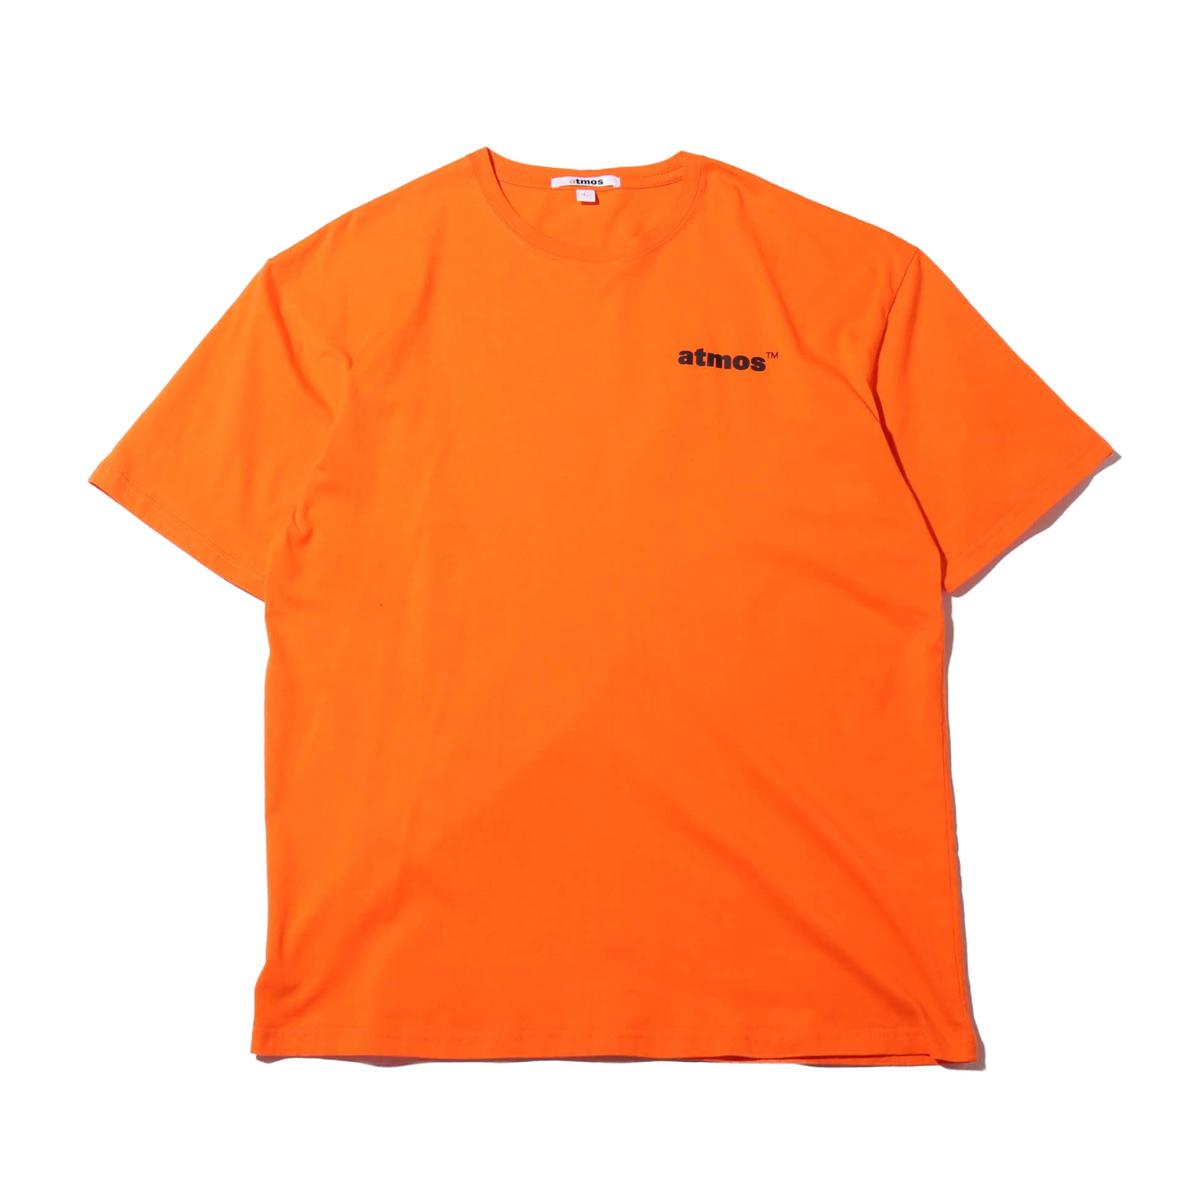 atmos SLOGAN COLLAGE PRINT T-SHIRT(アトモス スローガン カレッジプリント Tシャツ)ORANGE【メンズ レディース 半袖Tシャツ】19HO-I